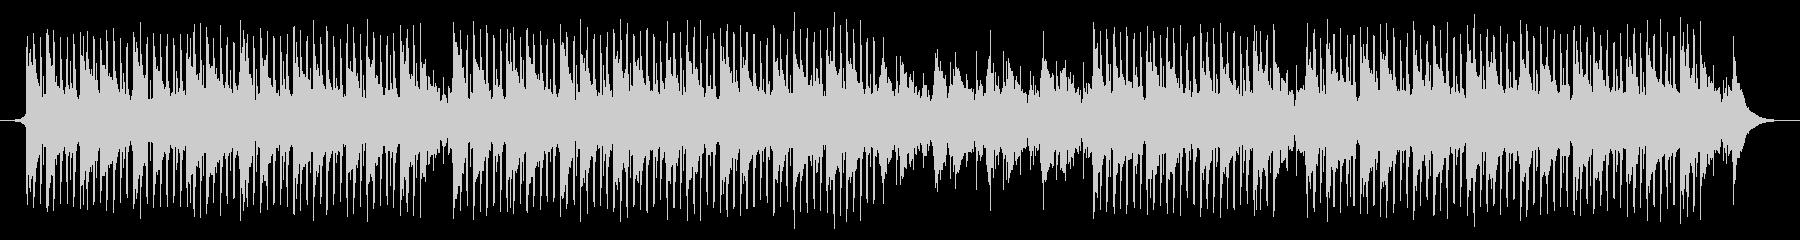 科学音楽の未再生の波形